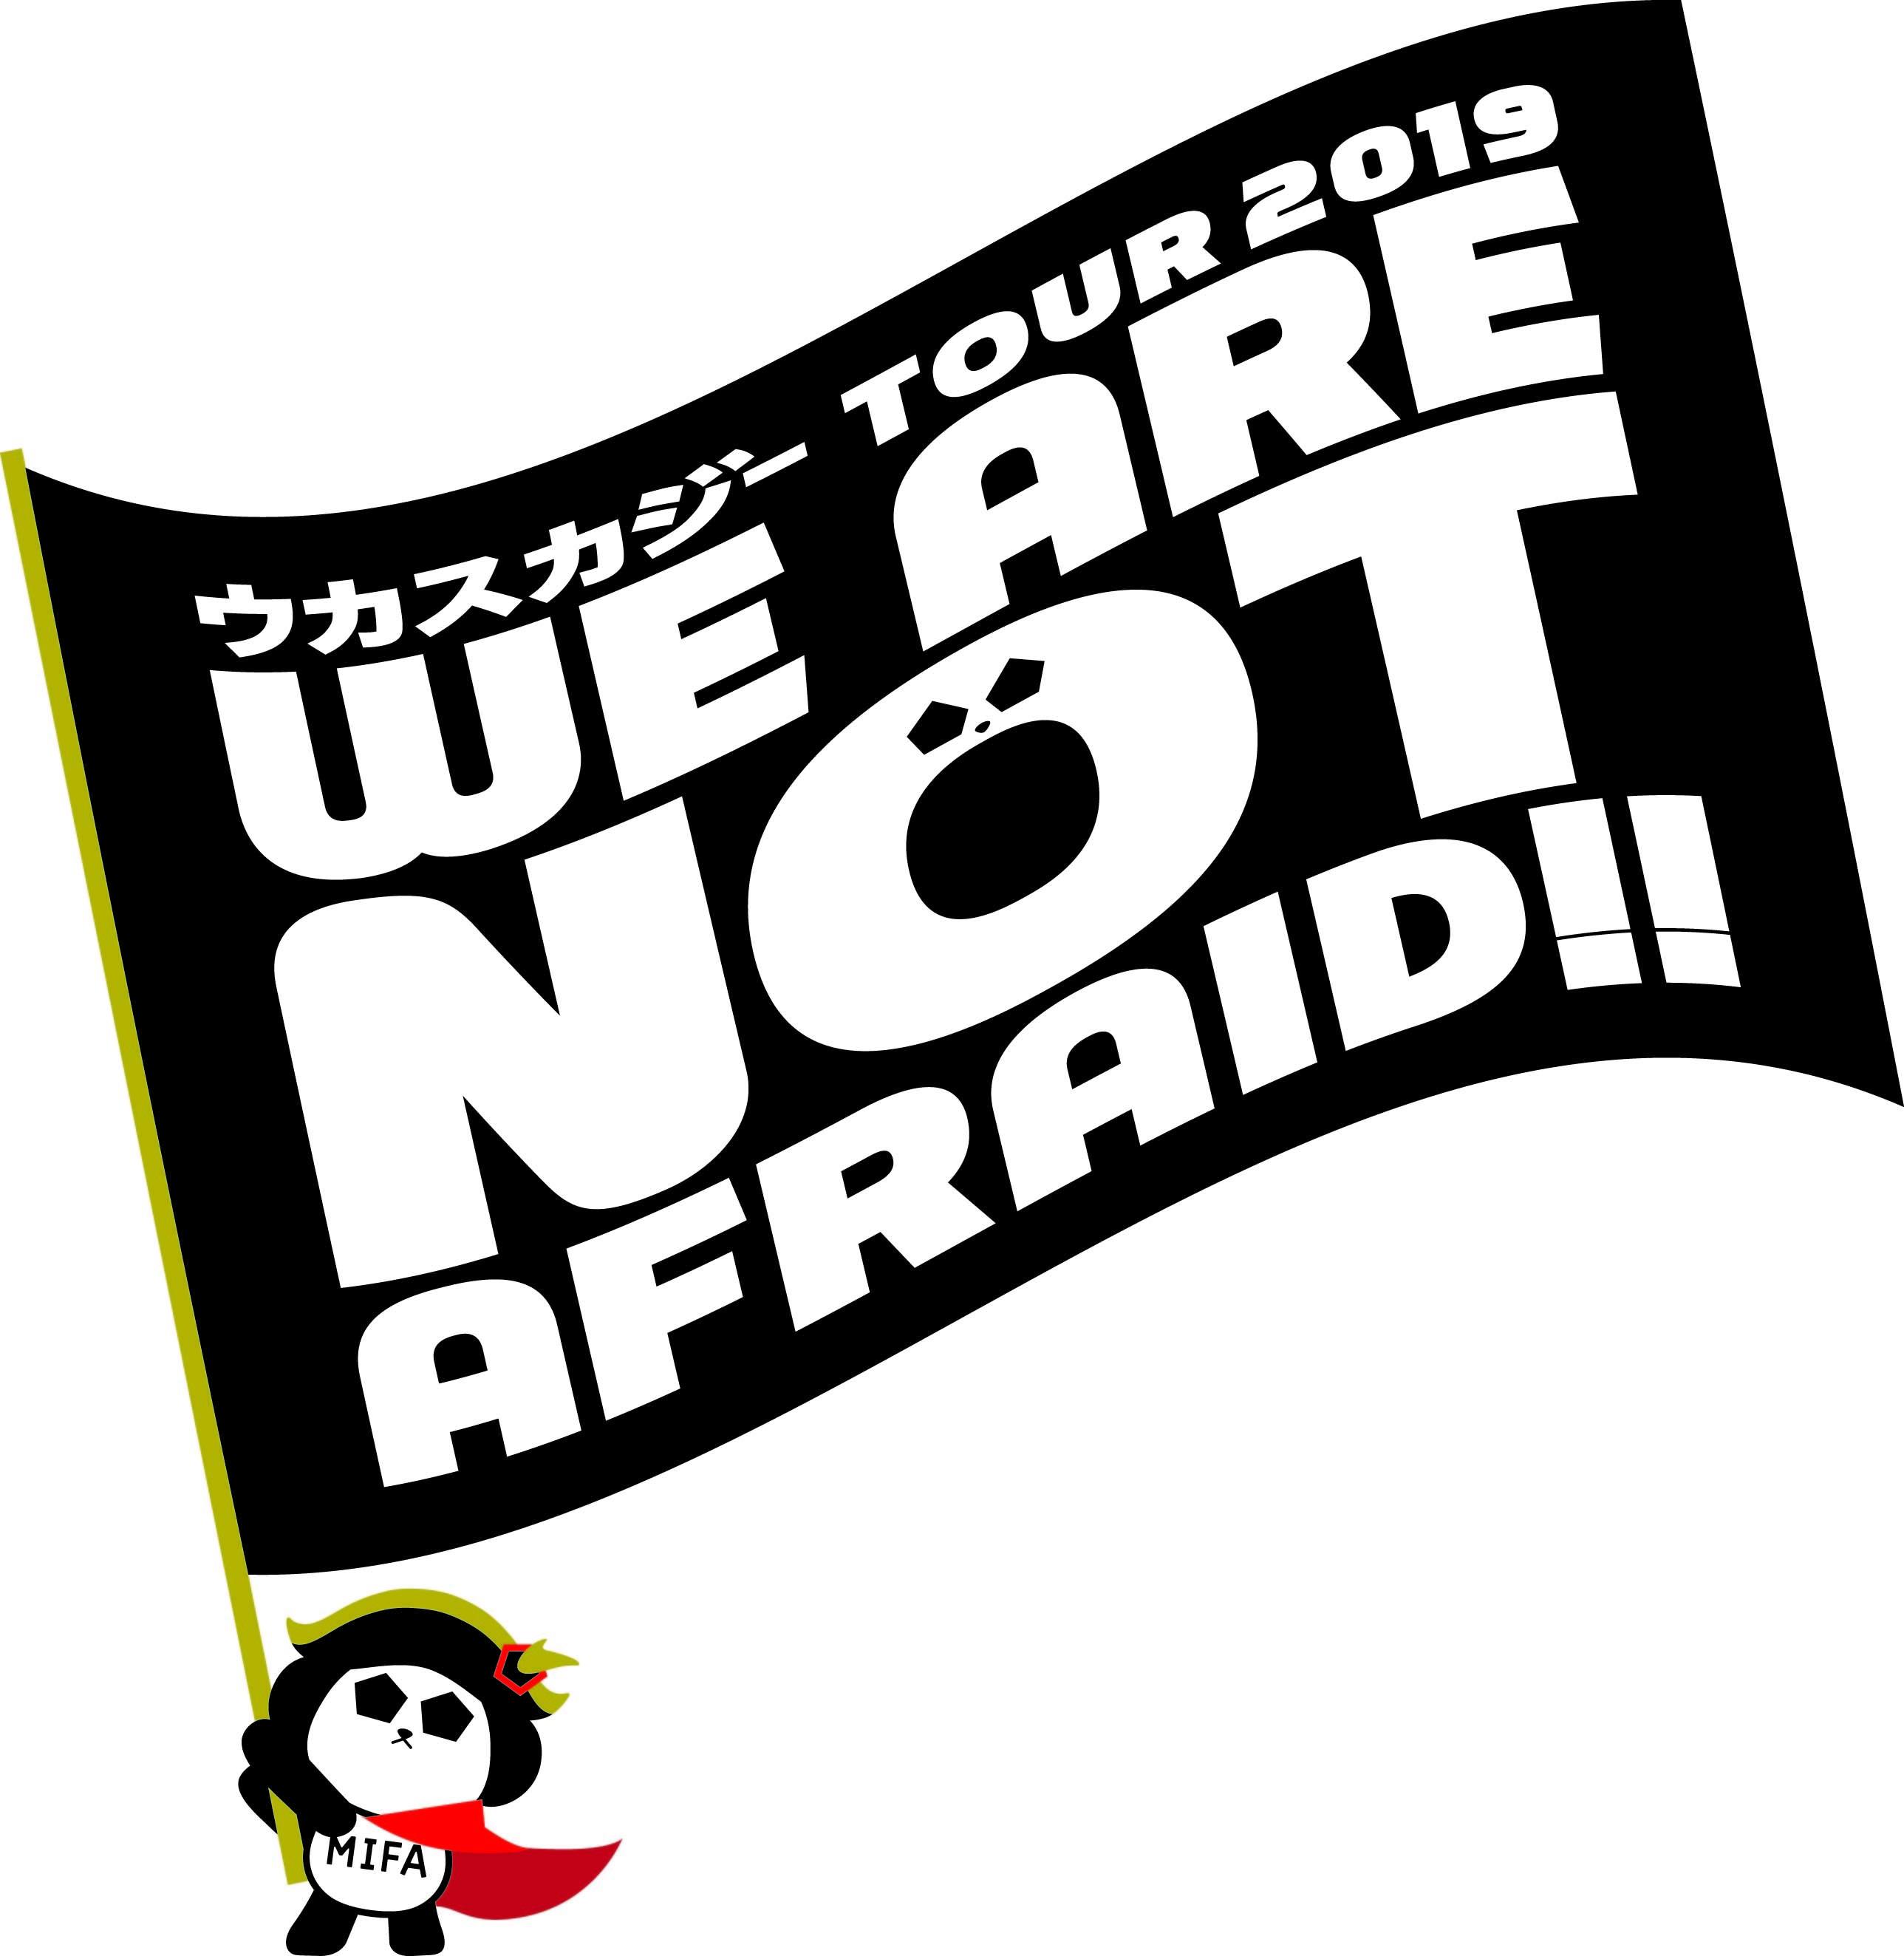 ウカスカジー TOUR 2019 WE ARE NOT AFRAID!!